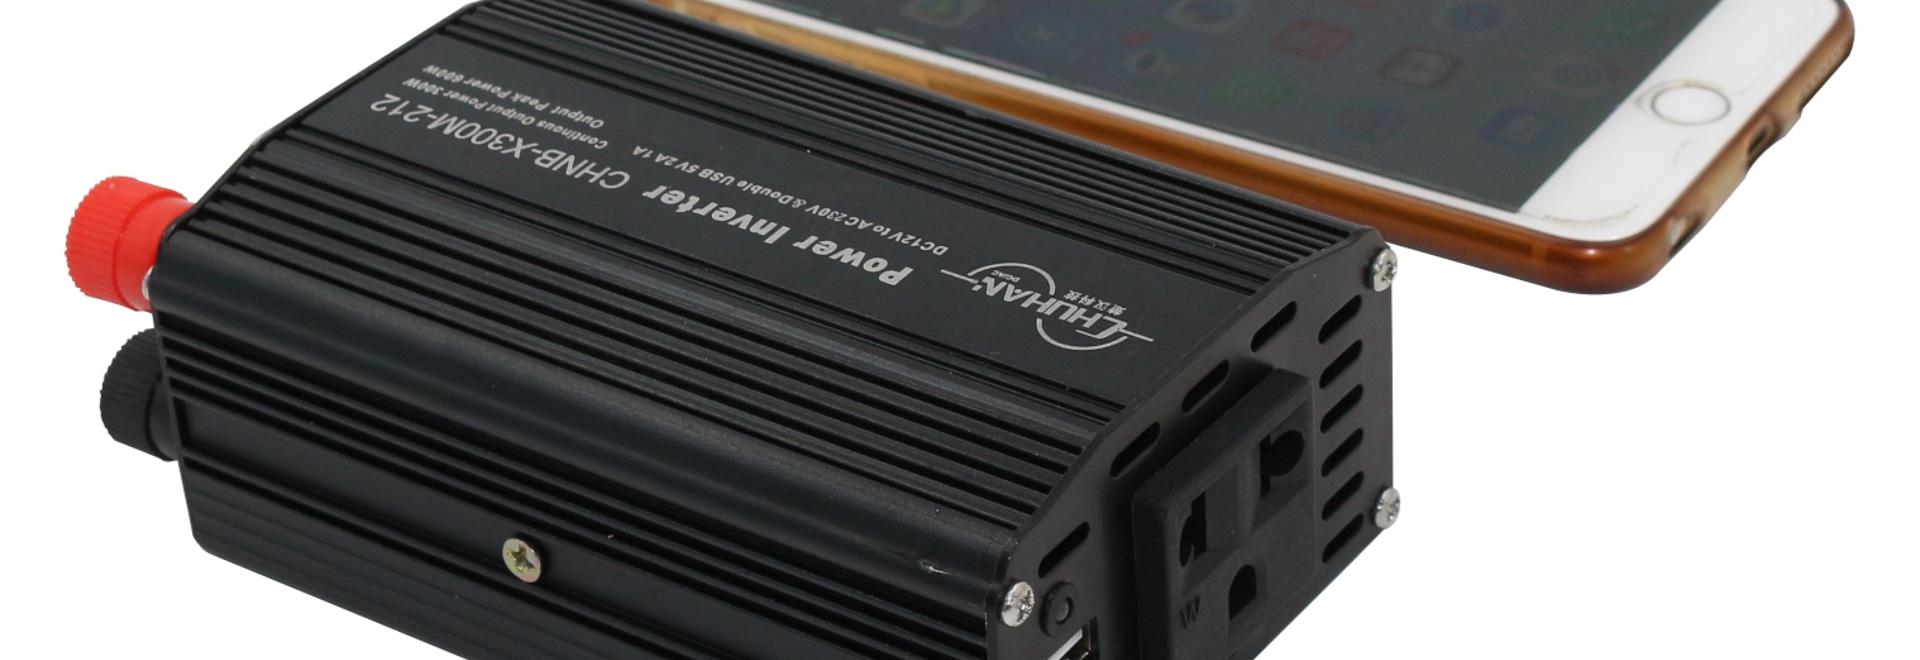 Mini tipo progettazione chuhan modificata 110vac/220vac dell'invertitore 300w dell'automobile con gli incavi di EU/US/UC /Israelic